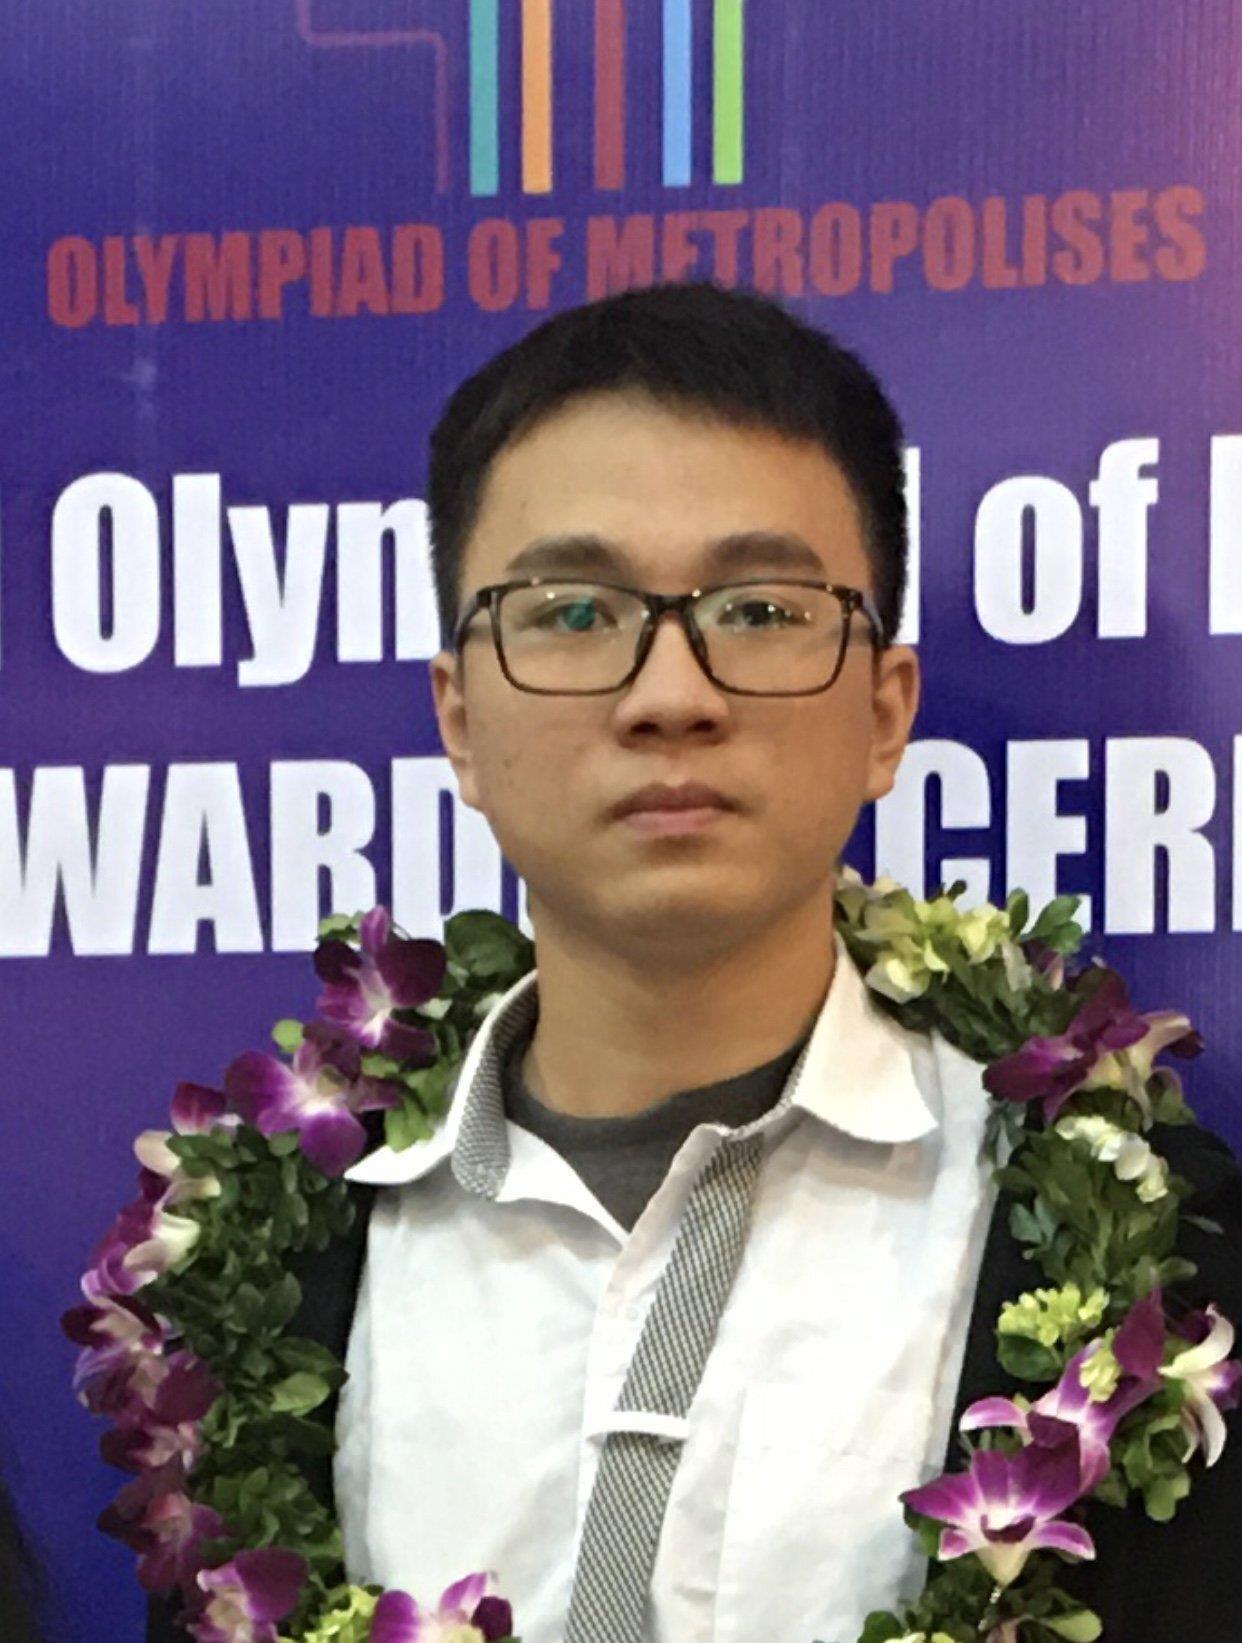 10X giành cú đúp huy chương Vàng Olympic Vật lý muốn thành nhà thiên văn học - 1